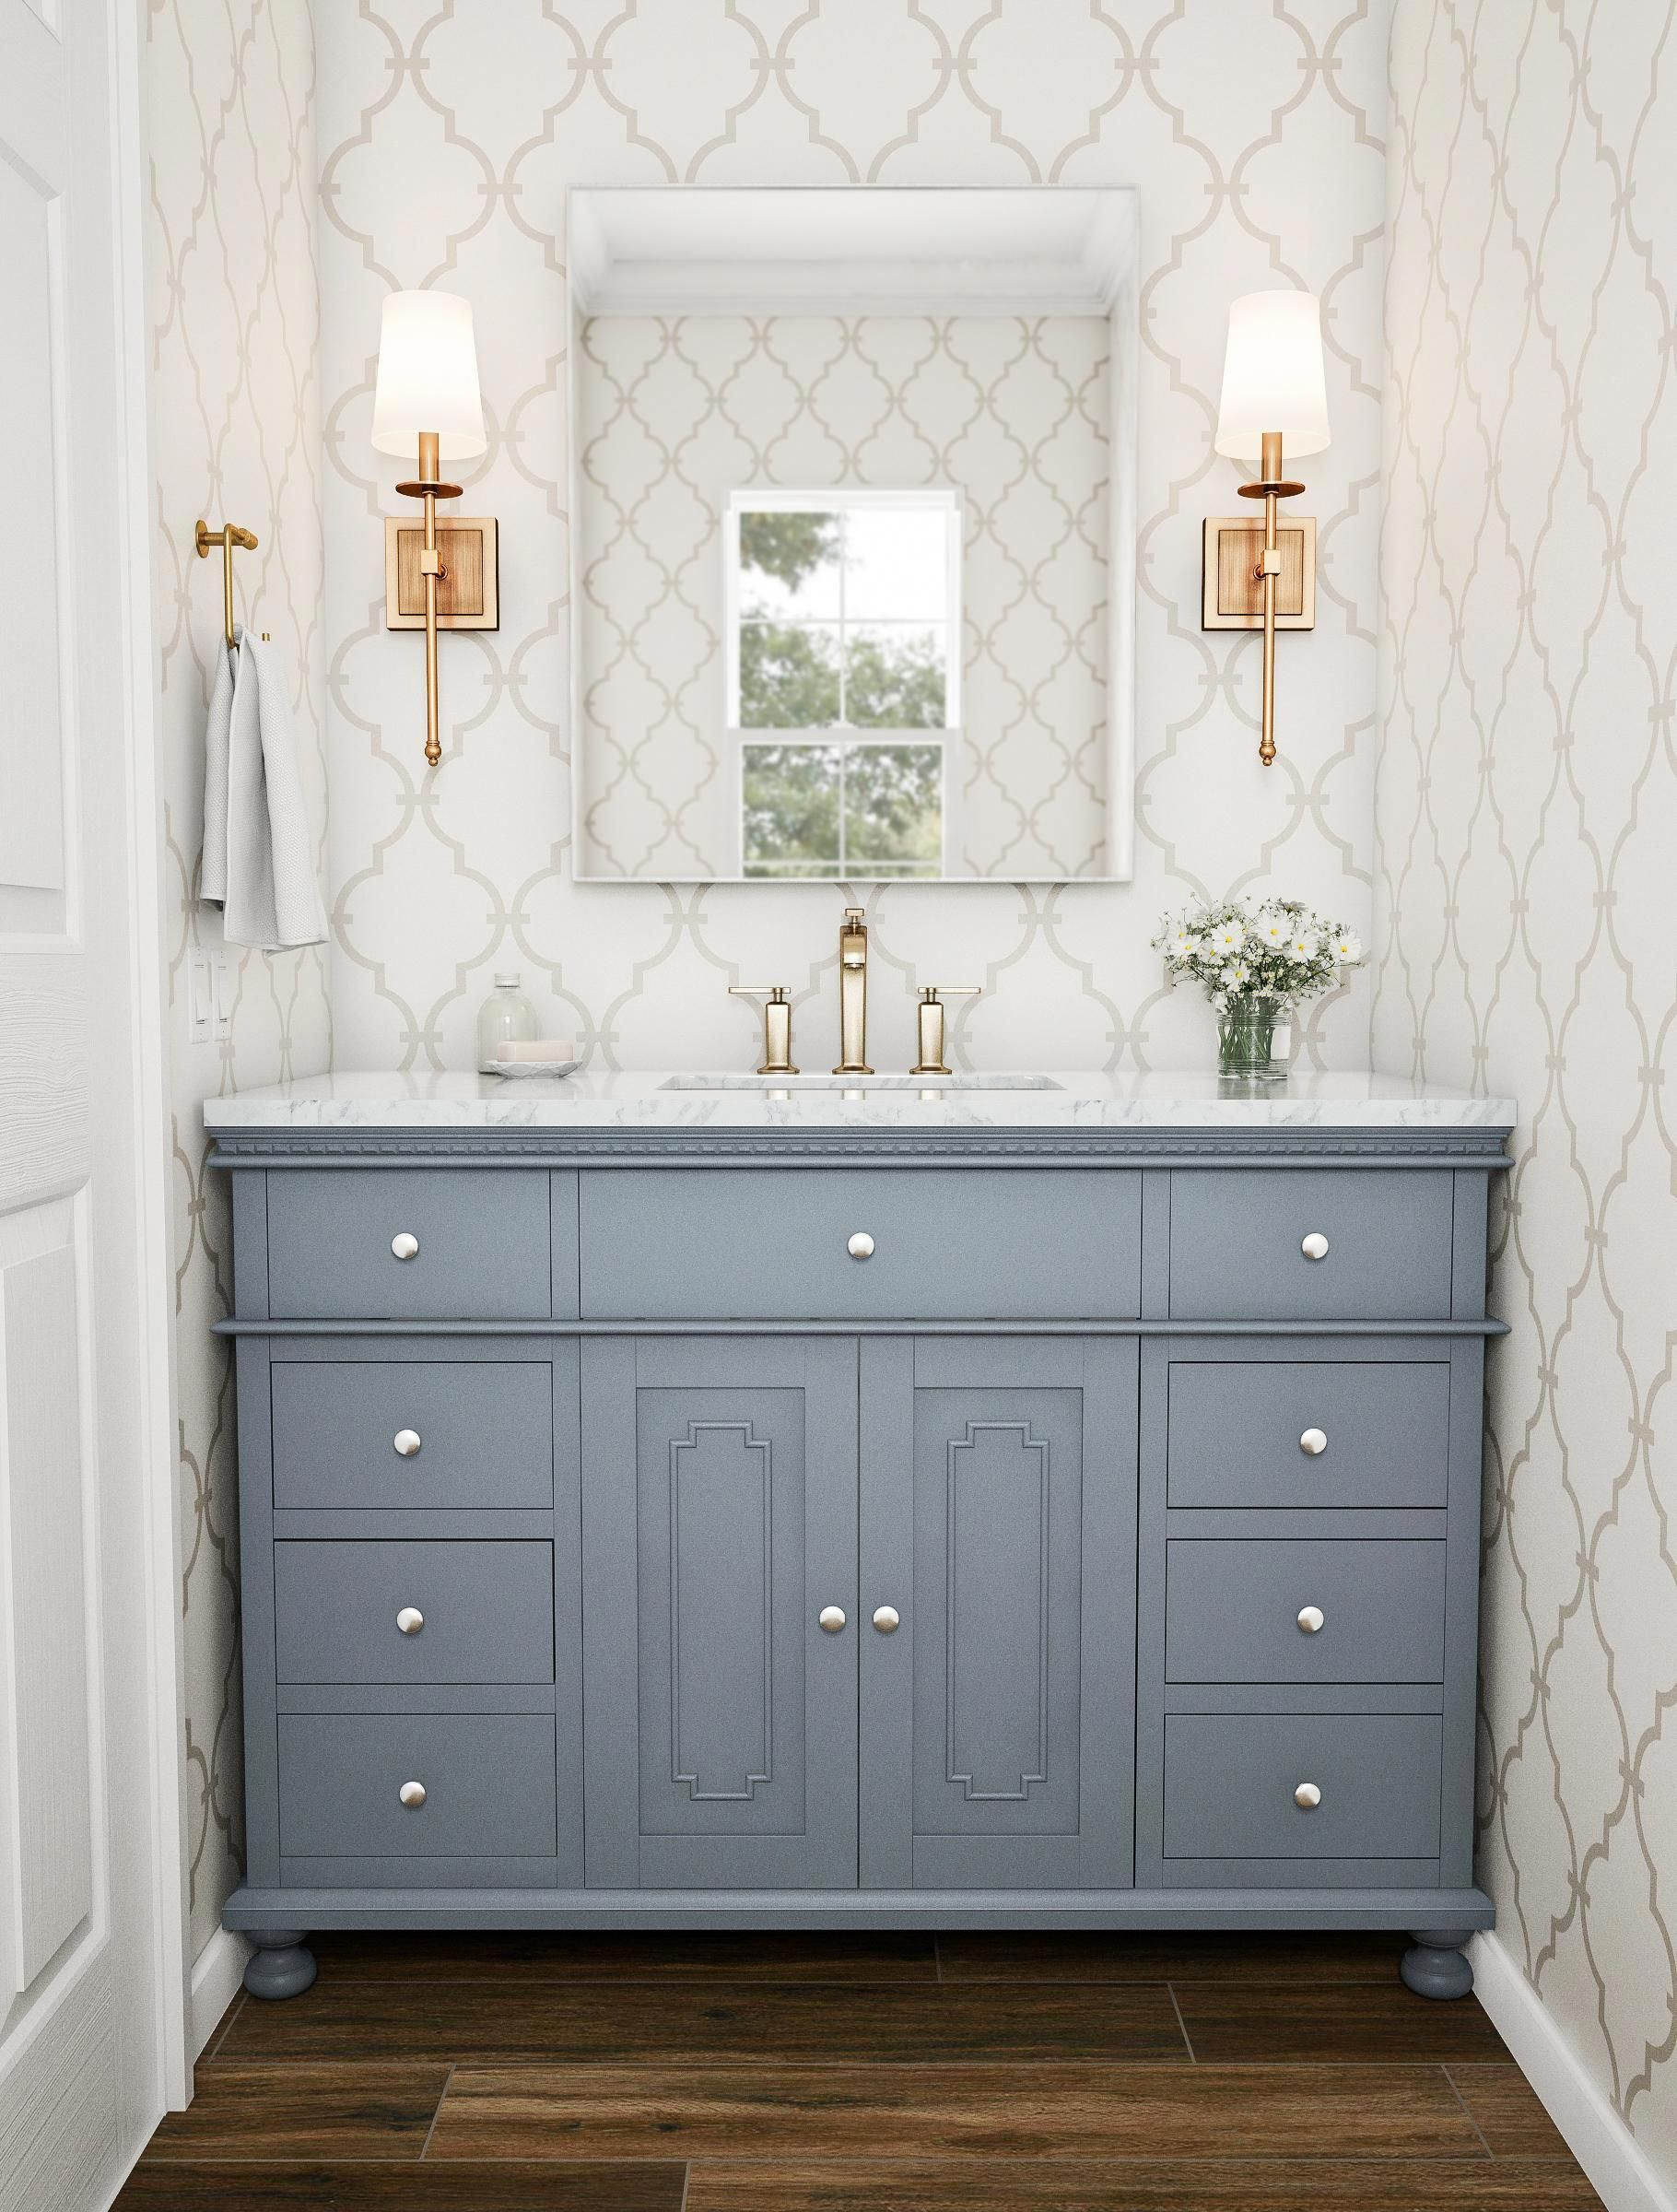 Bathroom Decor Accessories Ideas Brown Bathroom Accessories Sets Brown And Gold Bathroom Single Sink Bathroom Vanity Classic Bathroom Bathroom Sink Vanity